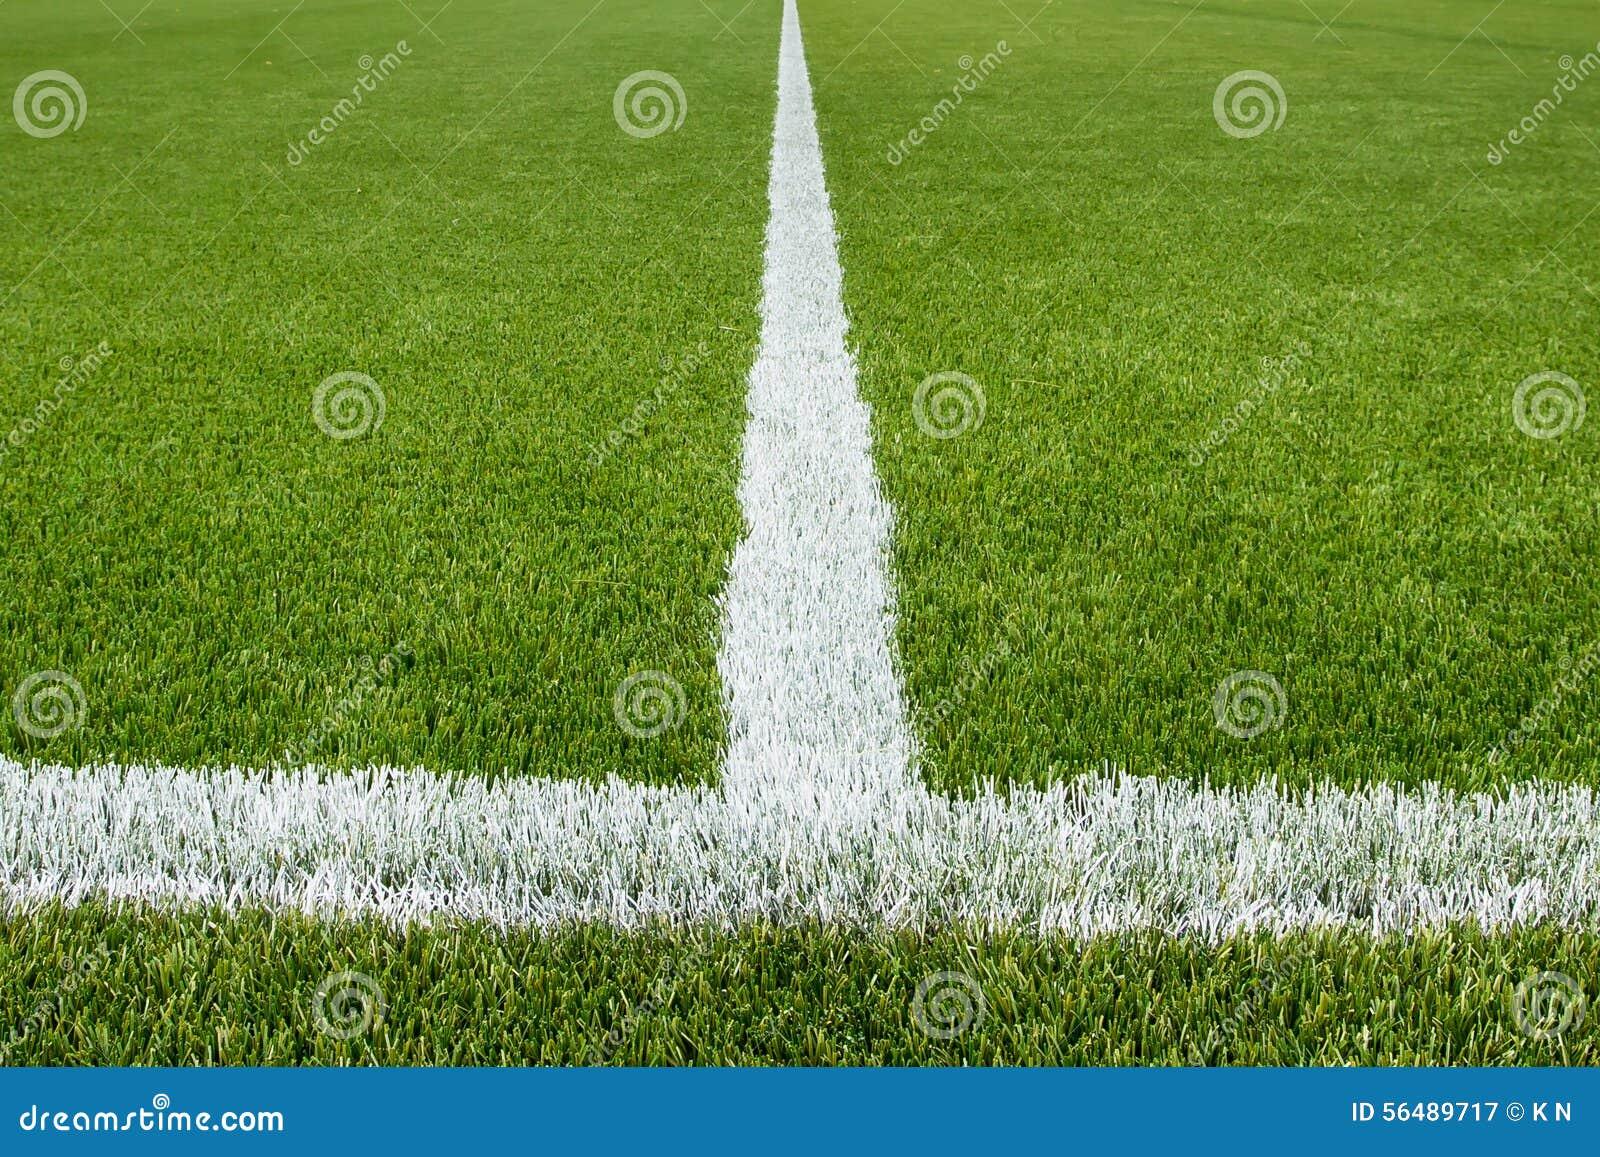 Ligne de craie sur le terrain de football artificiel de gazon